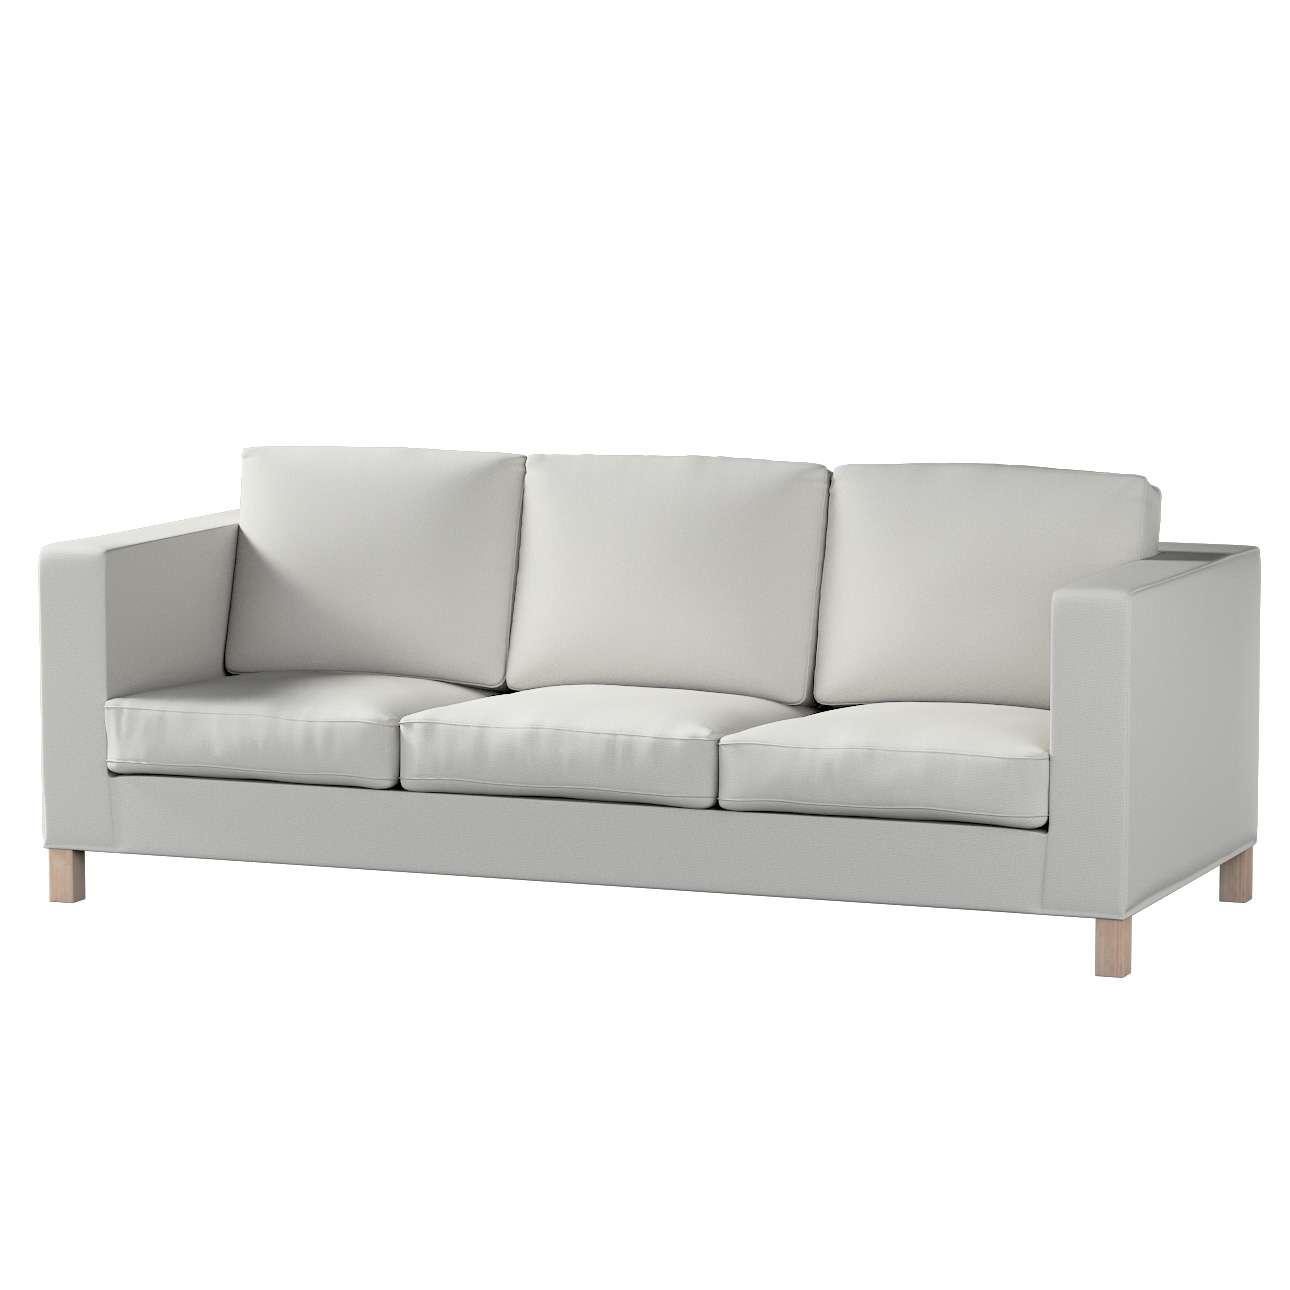 Karlanda 3-Sitzer  Sofabezug nicht ausklappbar kurz Karlanda 3-Sitzer, kurz von der Kollektion Etna, Stoff: 705-90